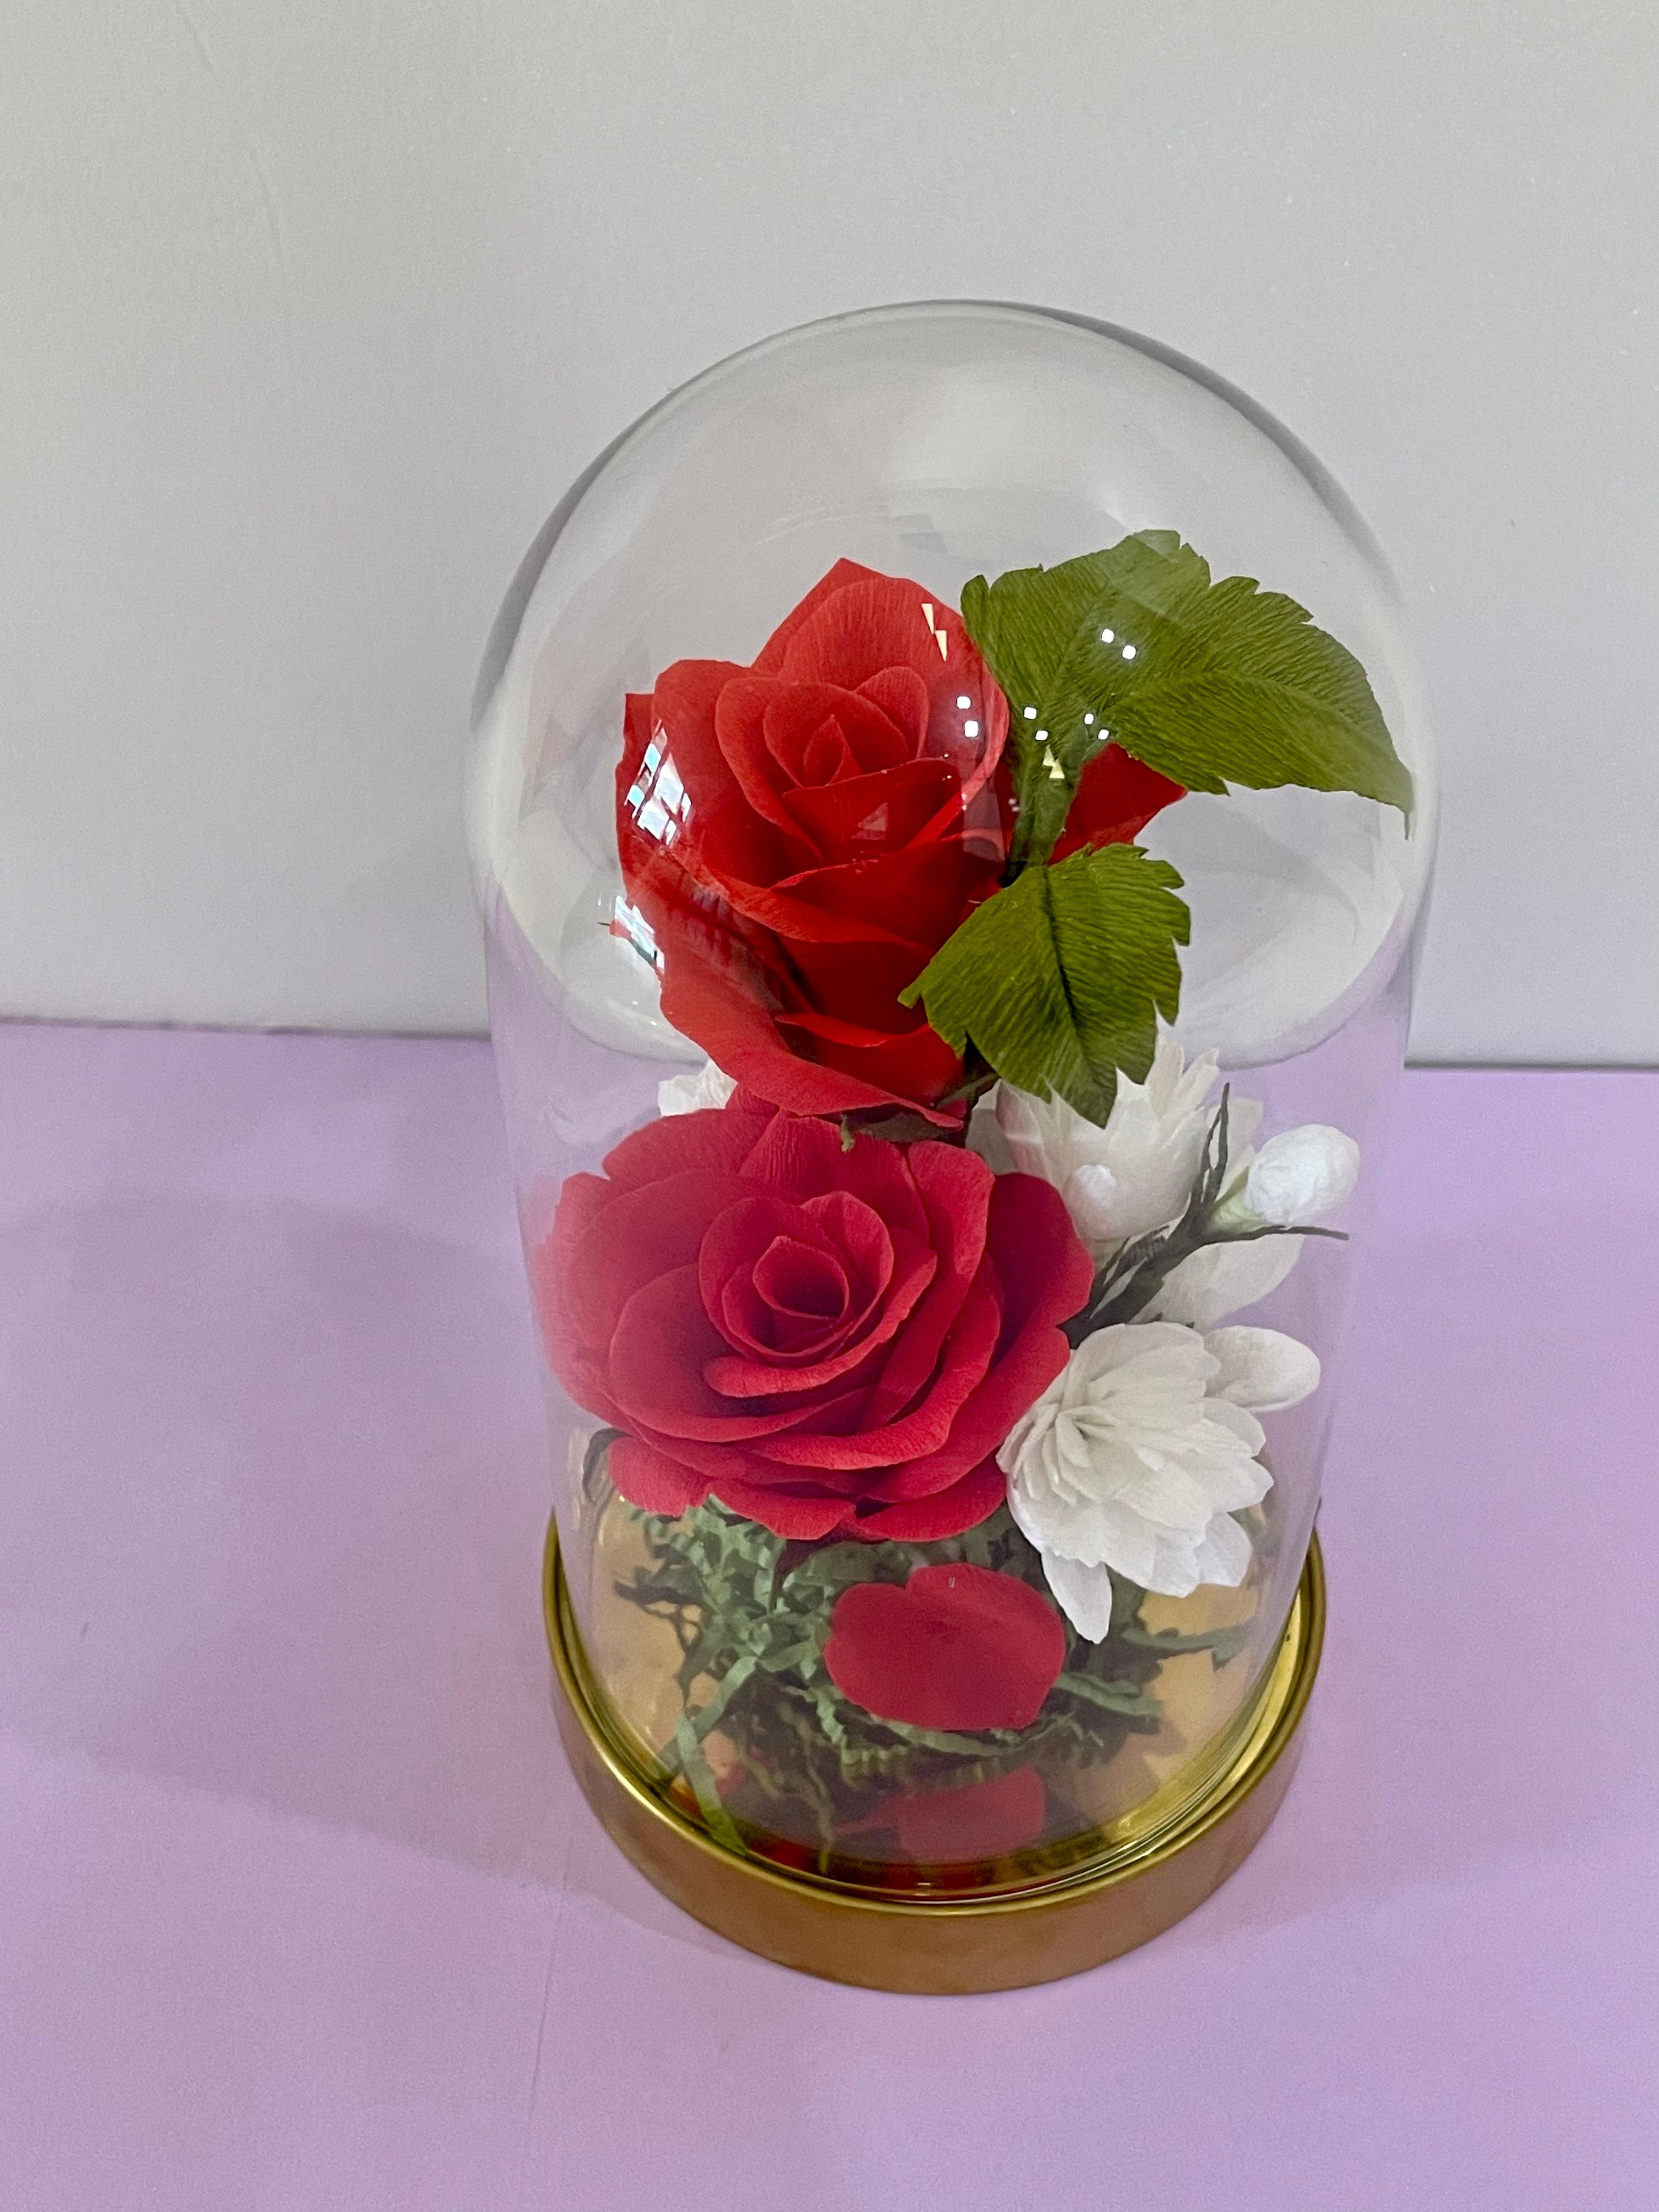 Workshop for Immortal Roses!